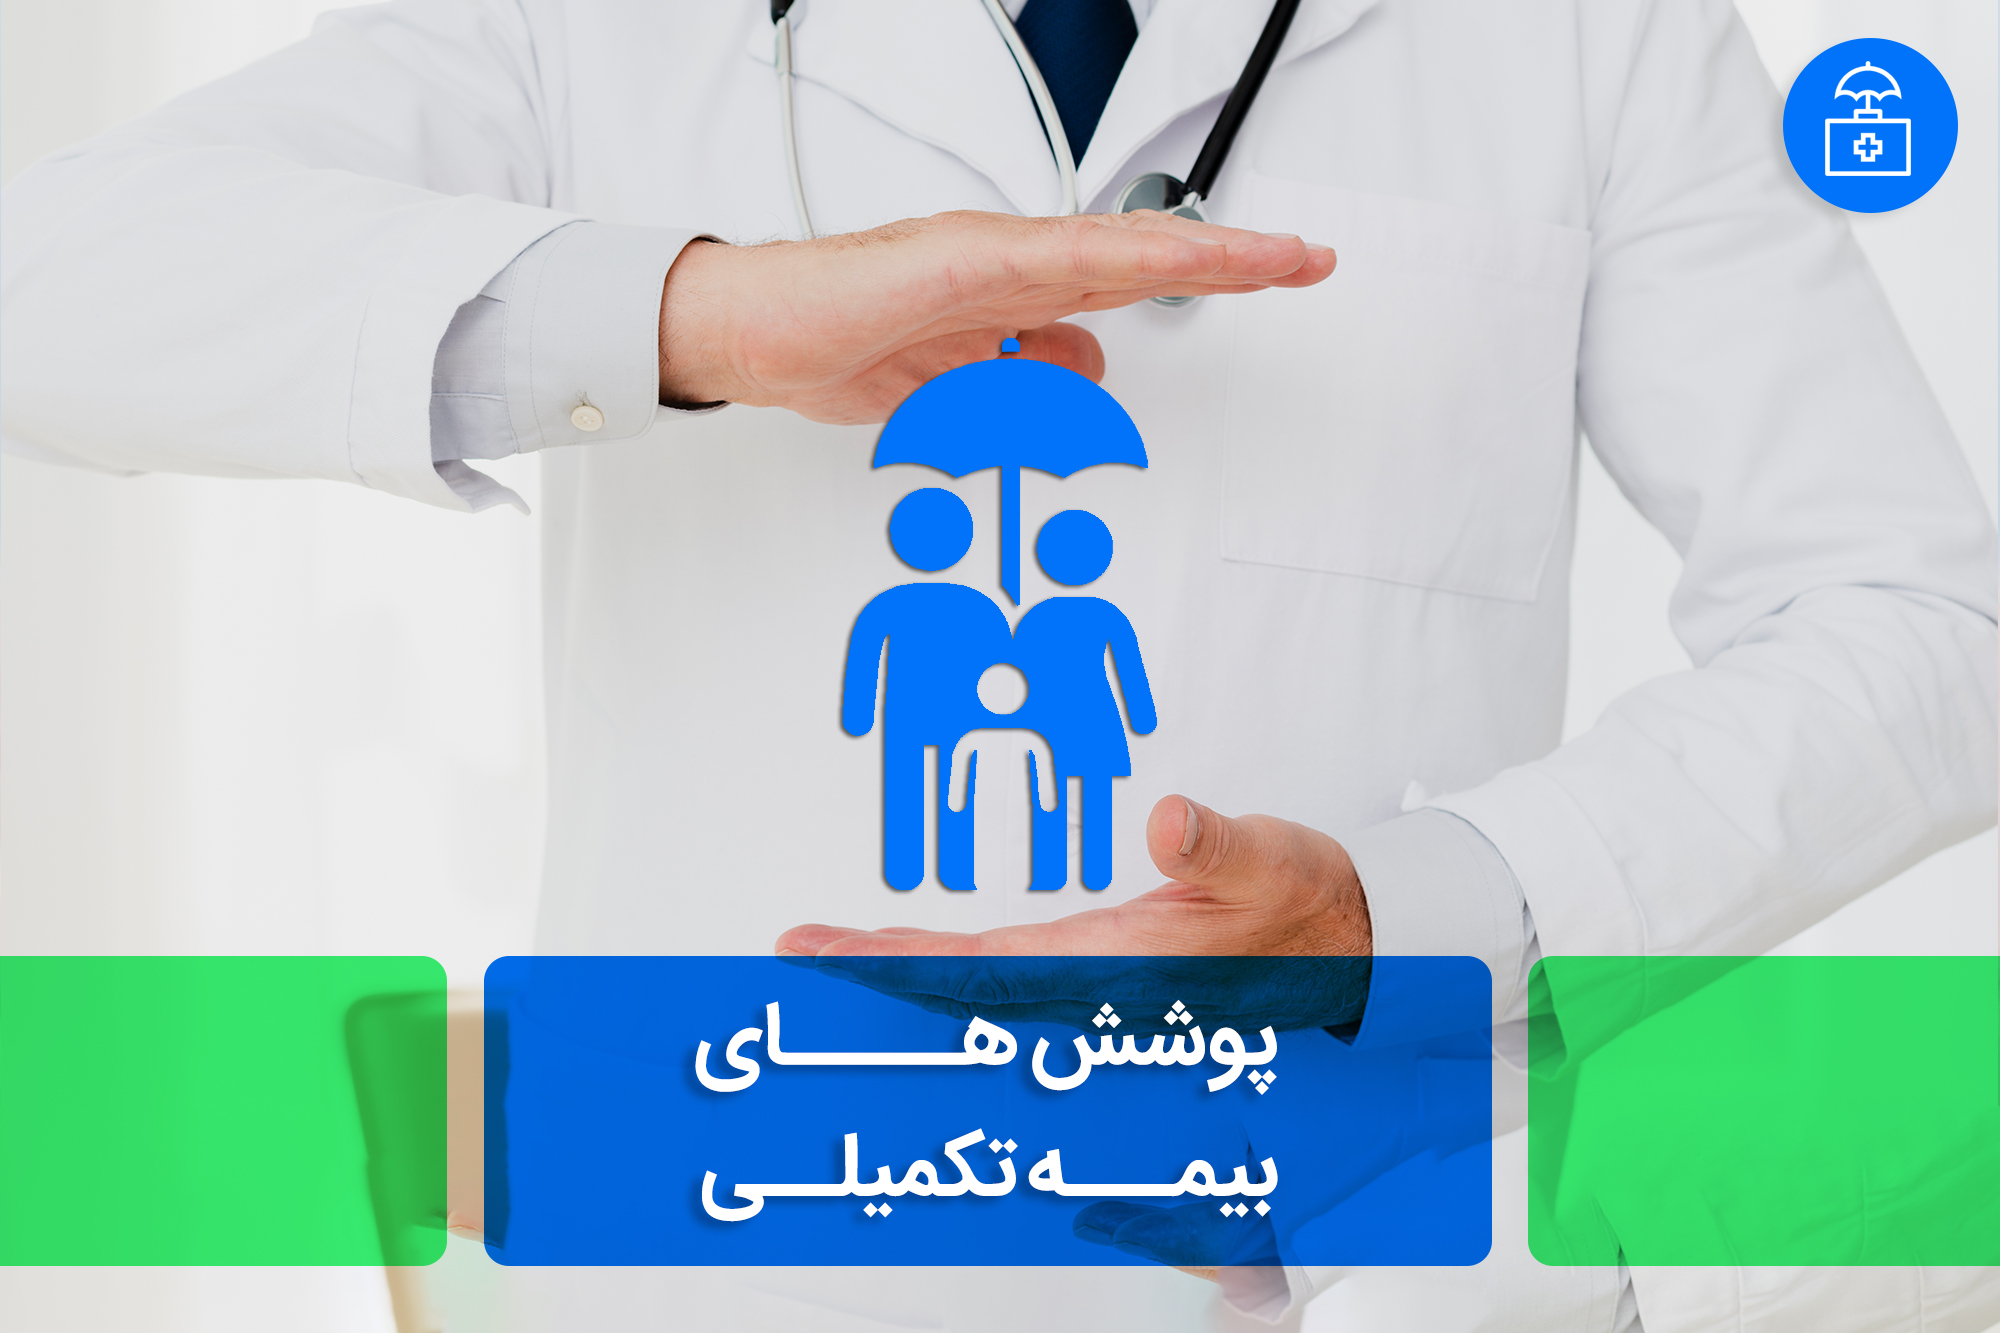 پوشش های بیمه درمان تکمیلی